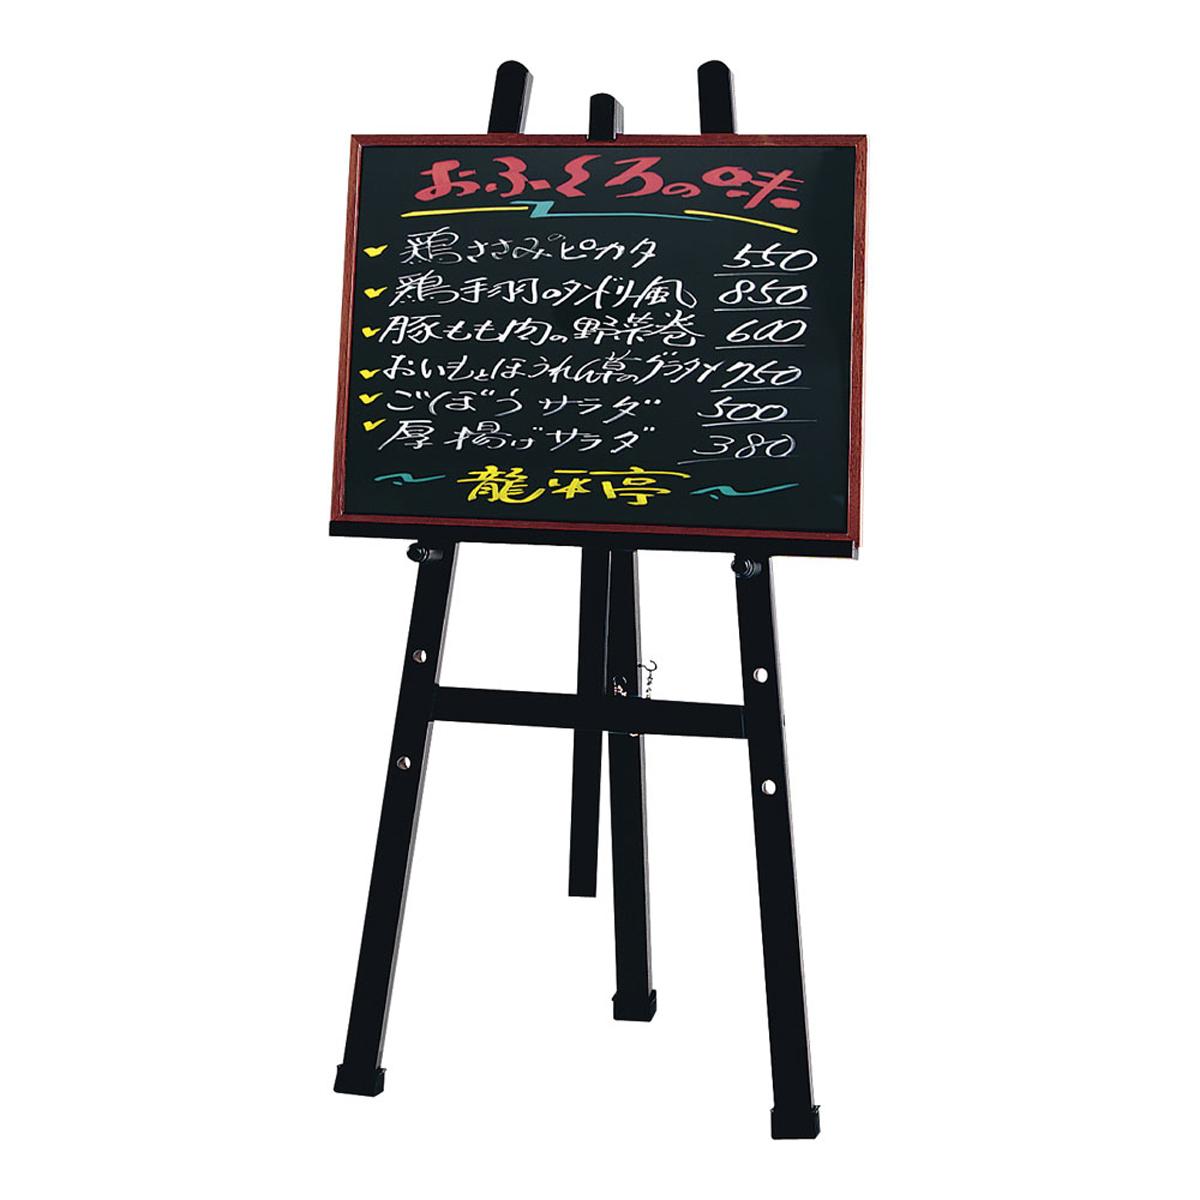 シンビ 木製イーゼル OS-21NB 黒【インテリア イーゼル サイン 黒 イーゼル ボード メニュースタンド 販売 業務用 販売 通販】 [7-2433-0802 6-2303-0702 ], 欧風雑貨PUFFINS:5454ef1d --- officewill.xsrv.jp